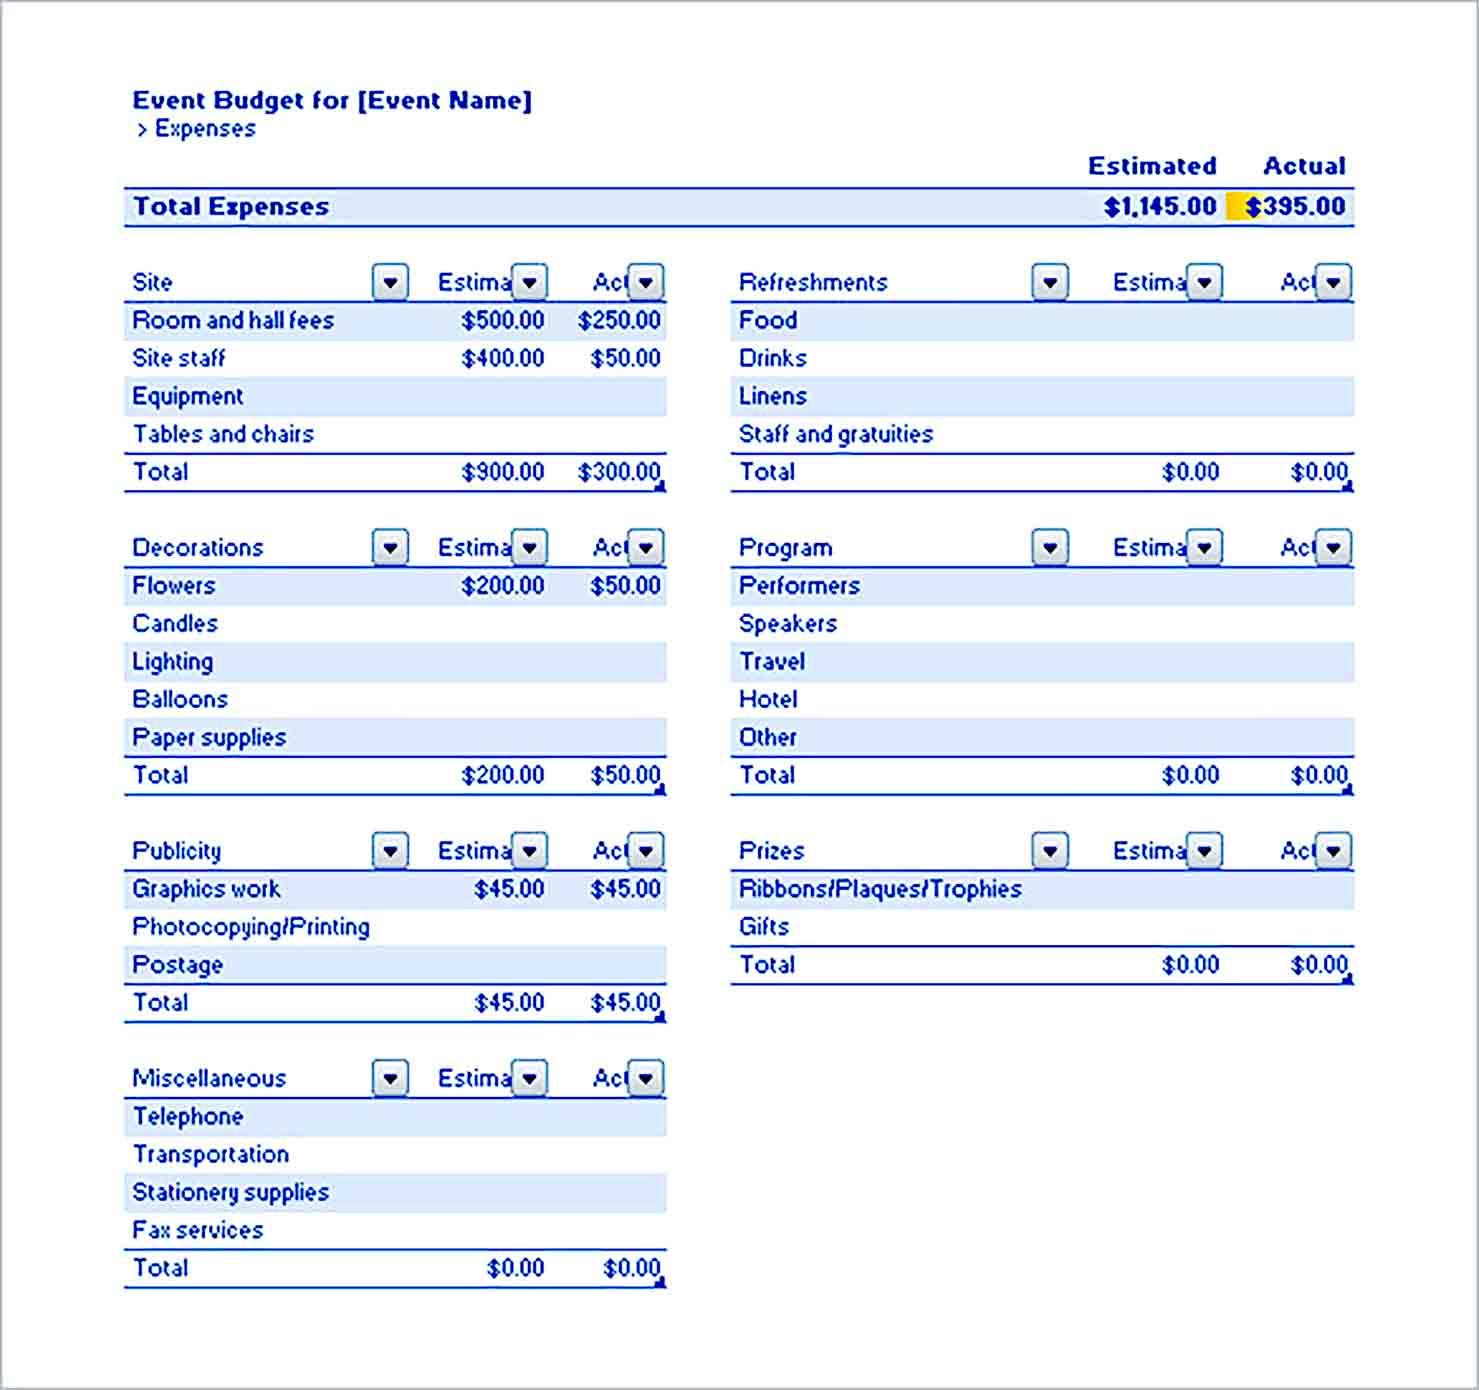 Sample Event Budget Excel Format